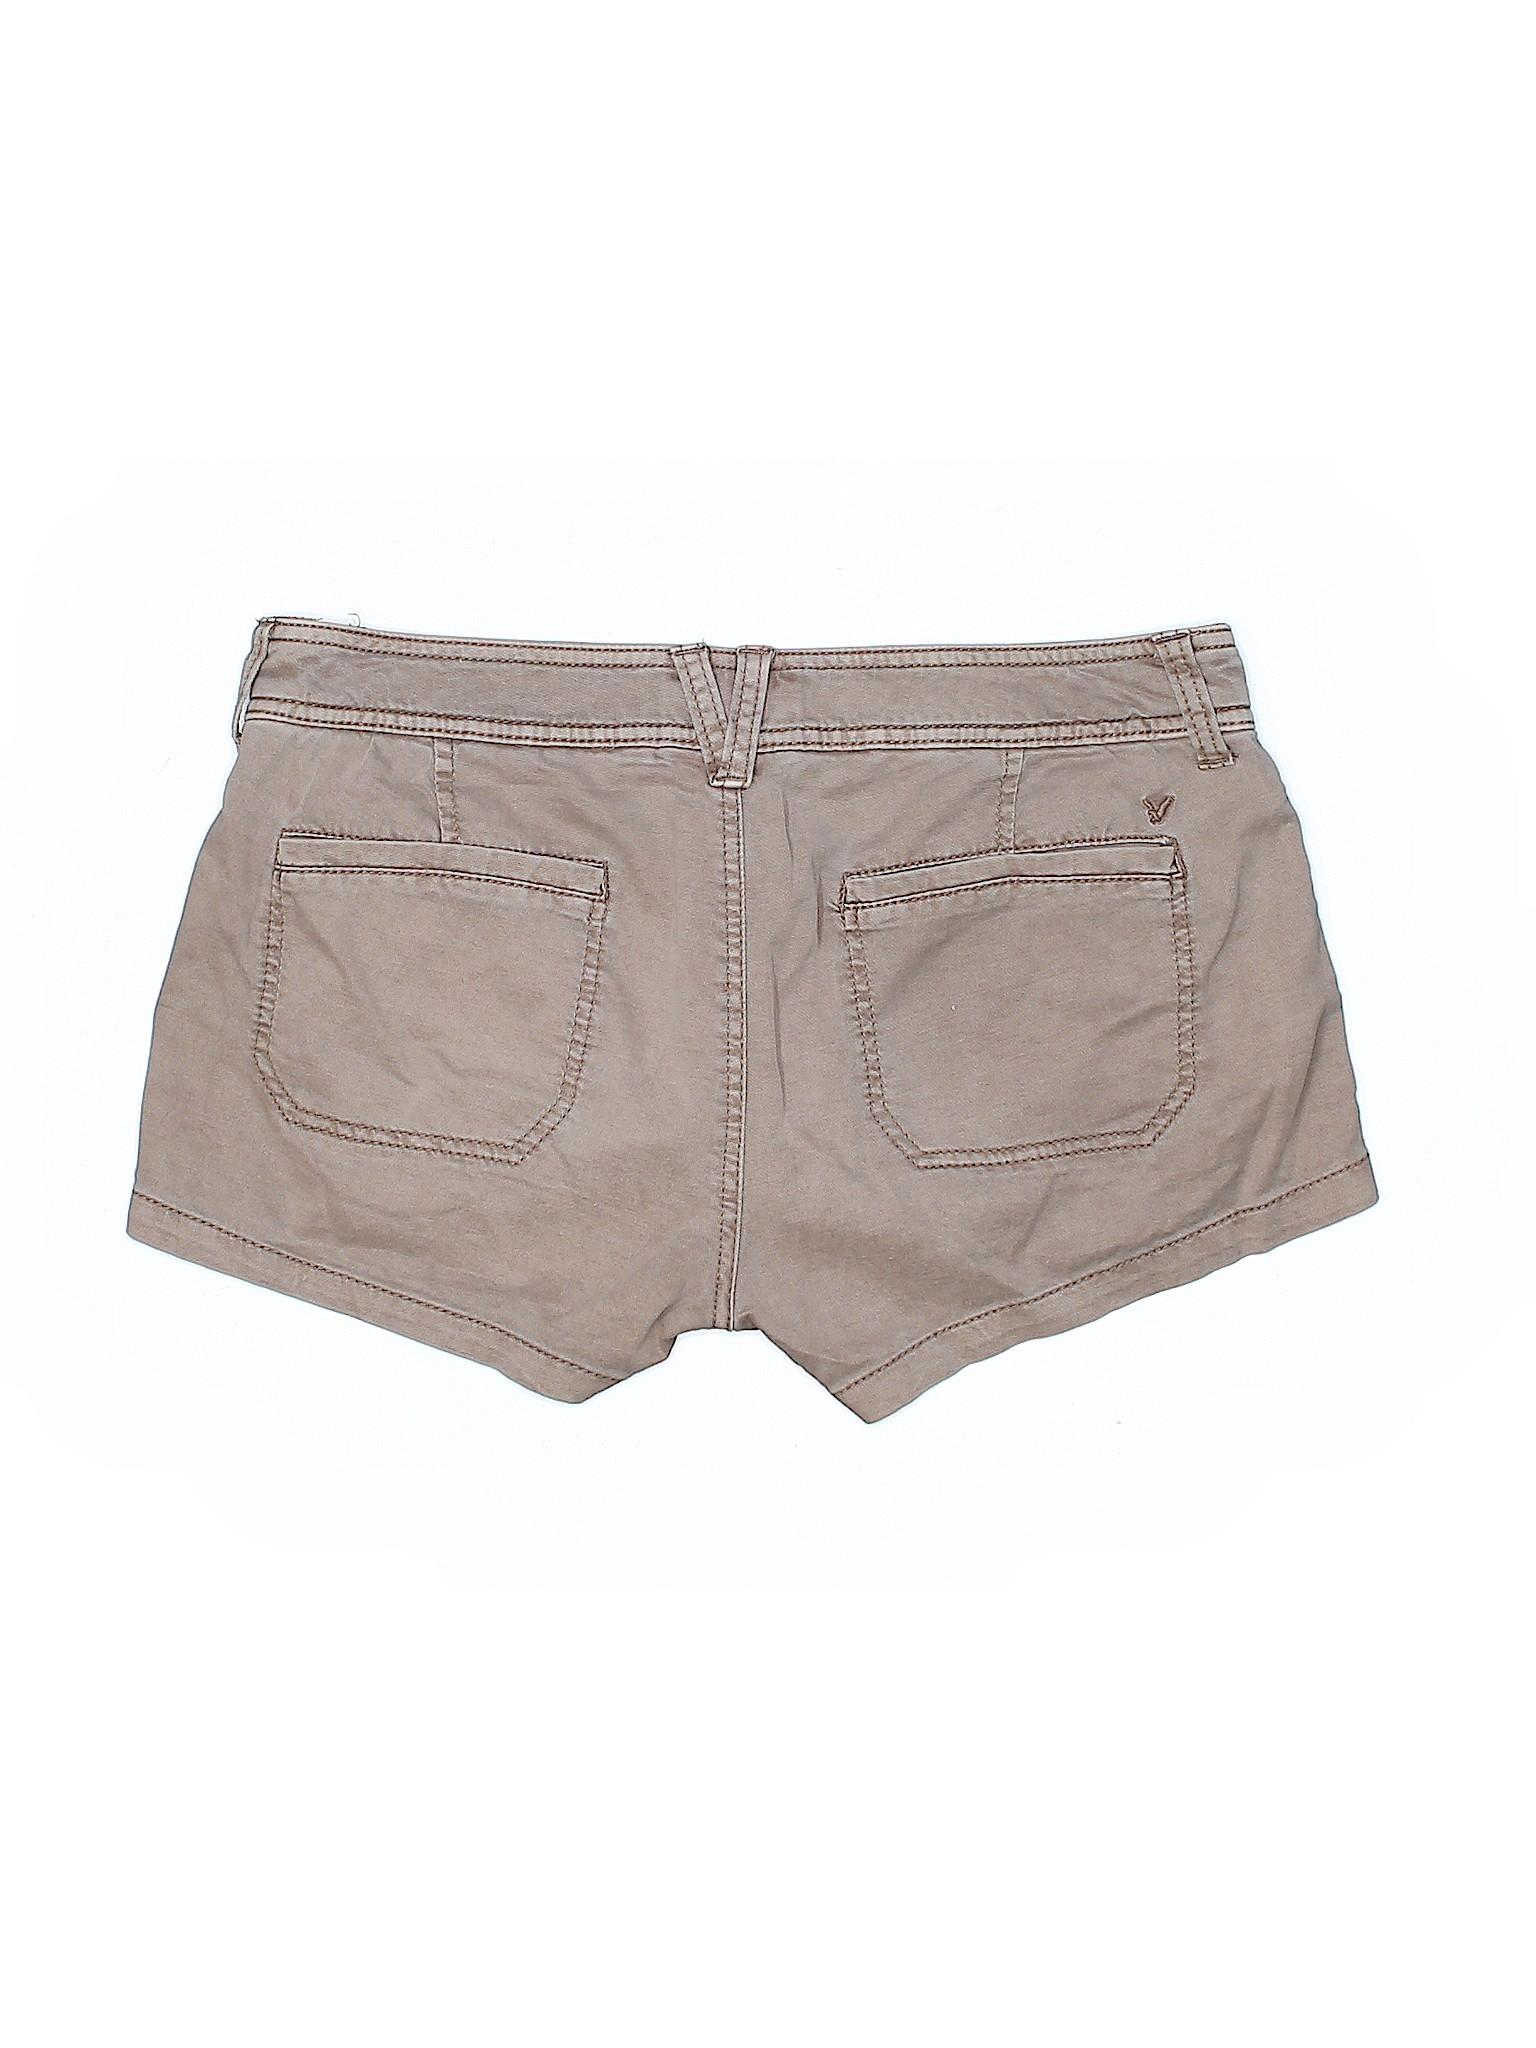 Eagle Shorts Outfitters Boutique Eagle Eagle Outfitters American Boutique Shorts Boutique American American tSqPav